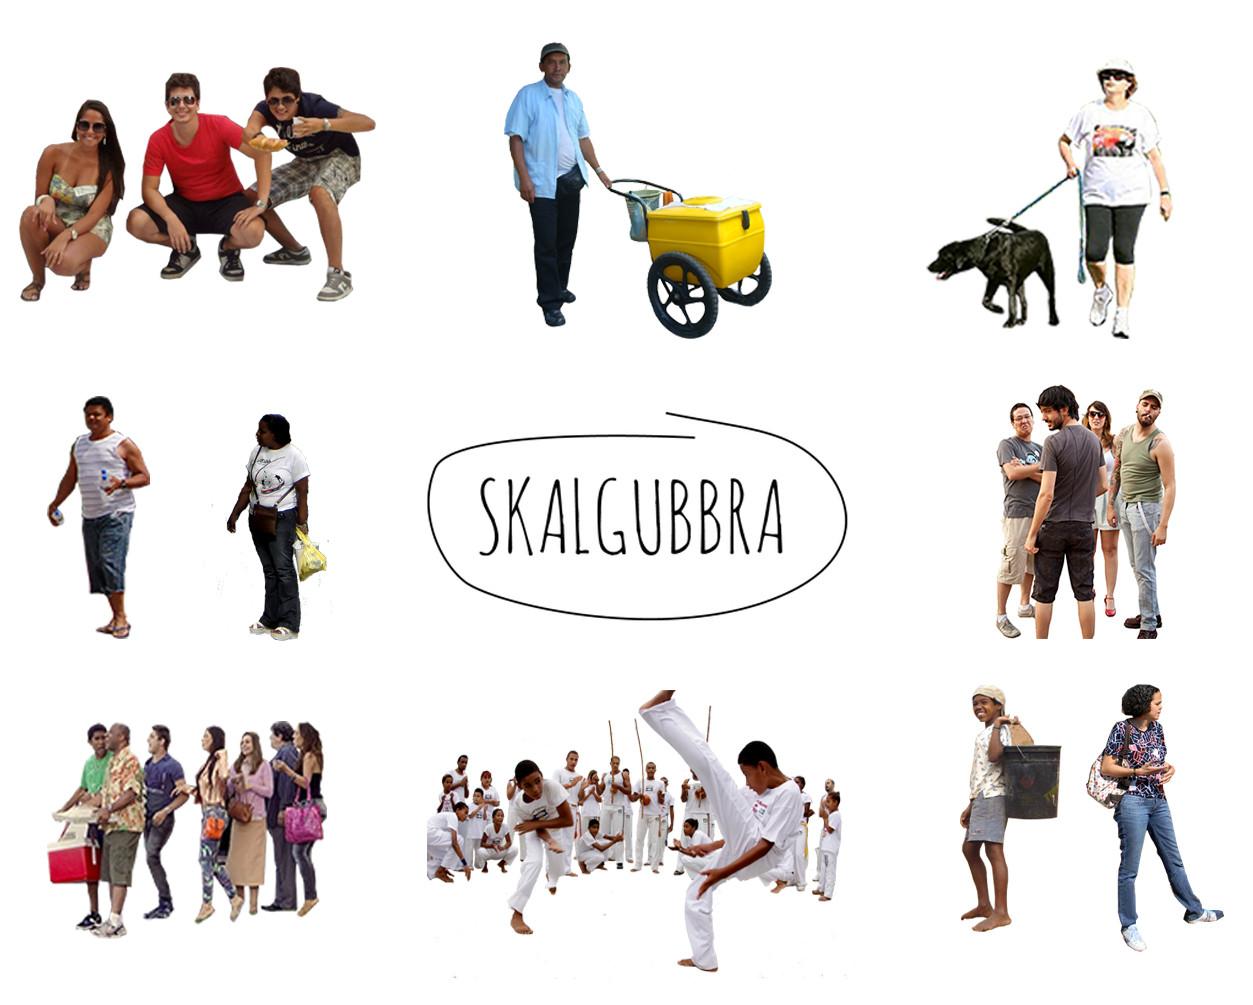 SKALGUBBRASIL, escalas humanas (realmente) brasileñas, Cortesía de Micrópolis